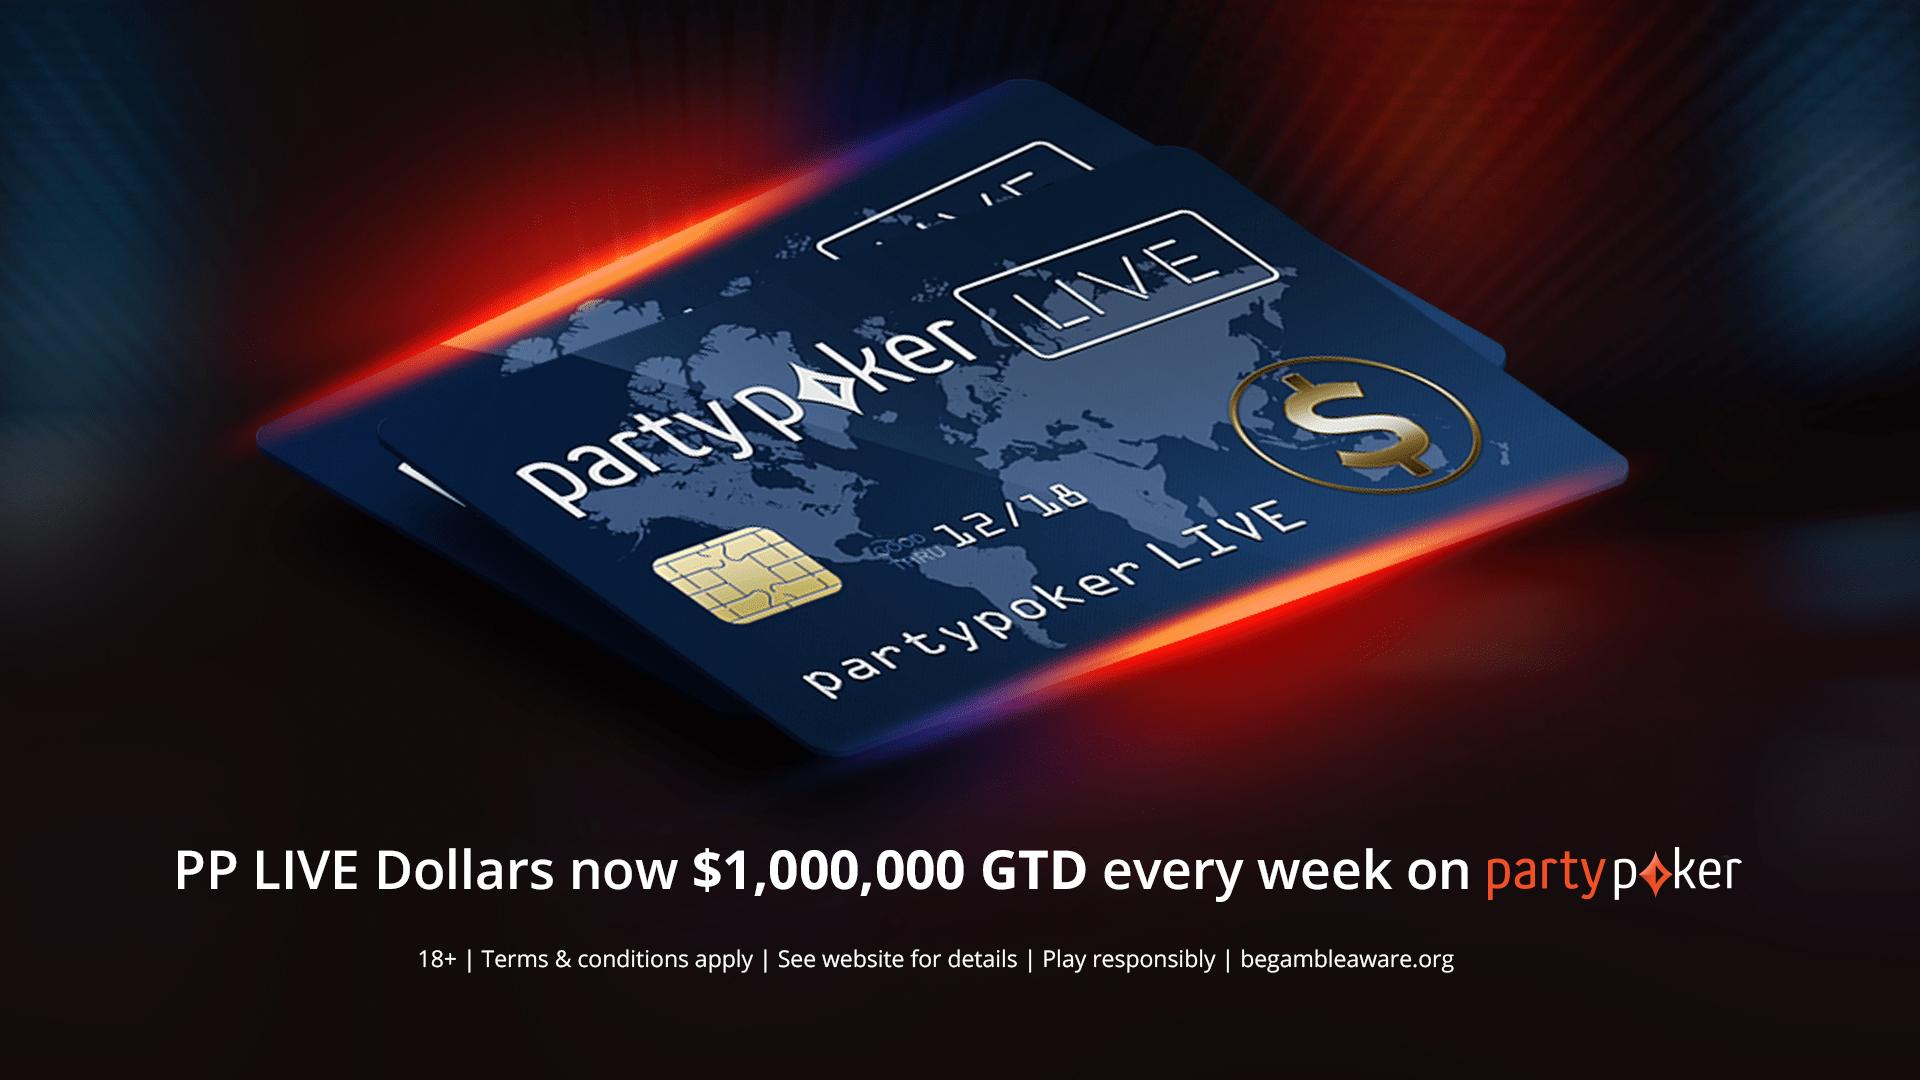 Now $1.1M weekly in PP LIVE Dollars satellites!